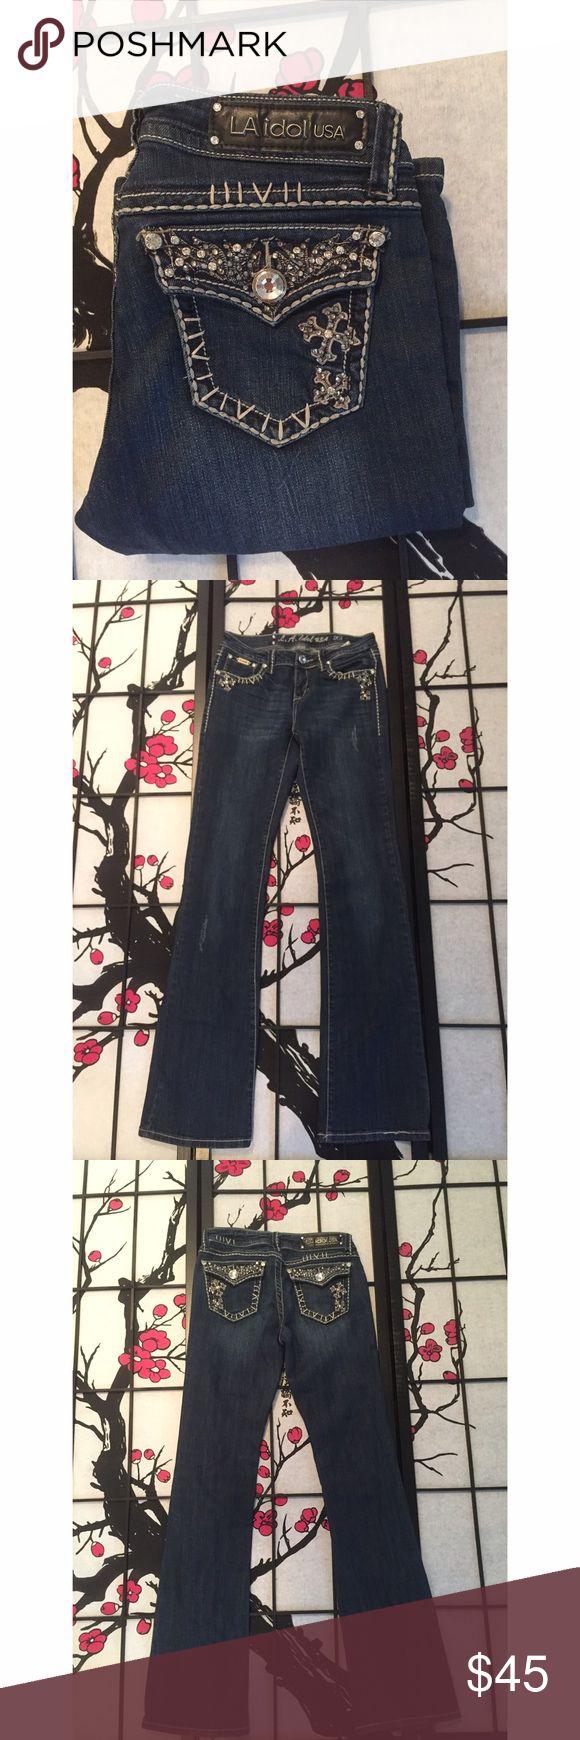 LA Idol Bling Bootcut Jeans - Best 25+ La Idol Jeans Ideas On Pinterest Bling Jeans, Miss Me